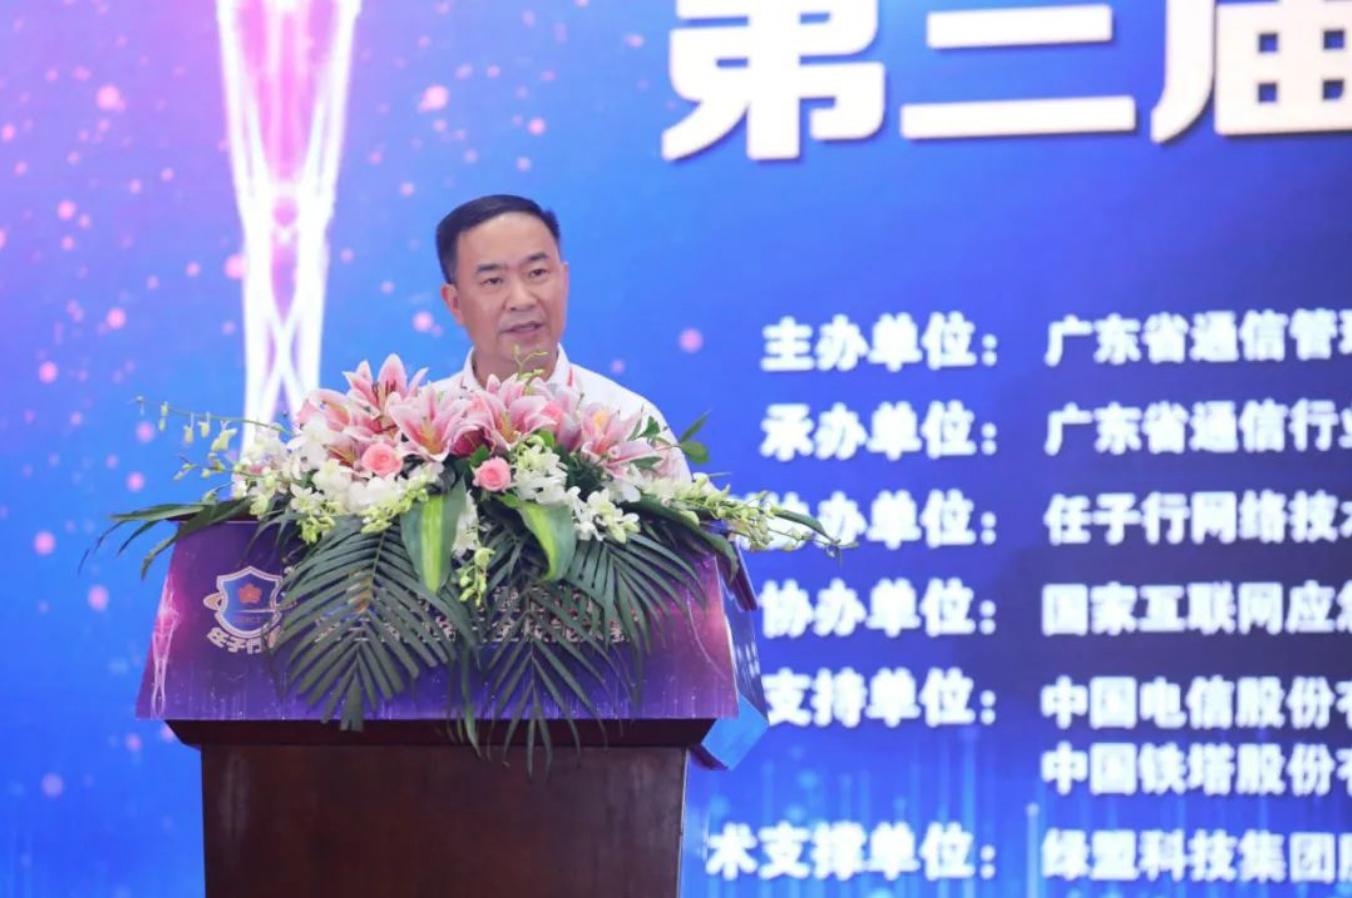 广东省通信管理局党组书记、局长苏少林讲话